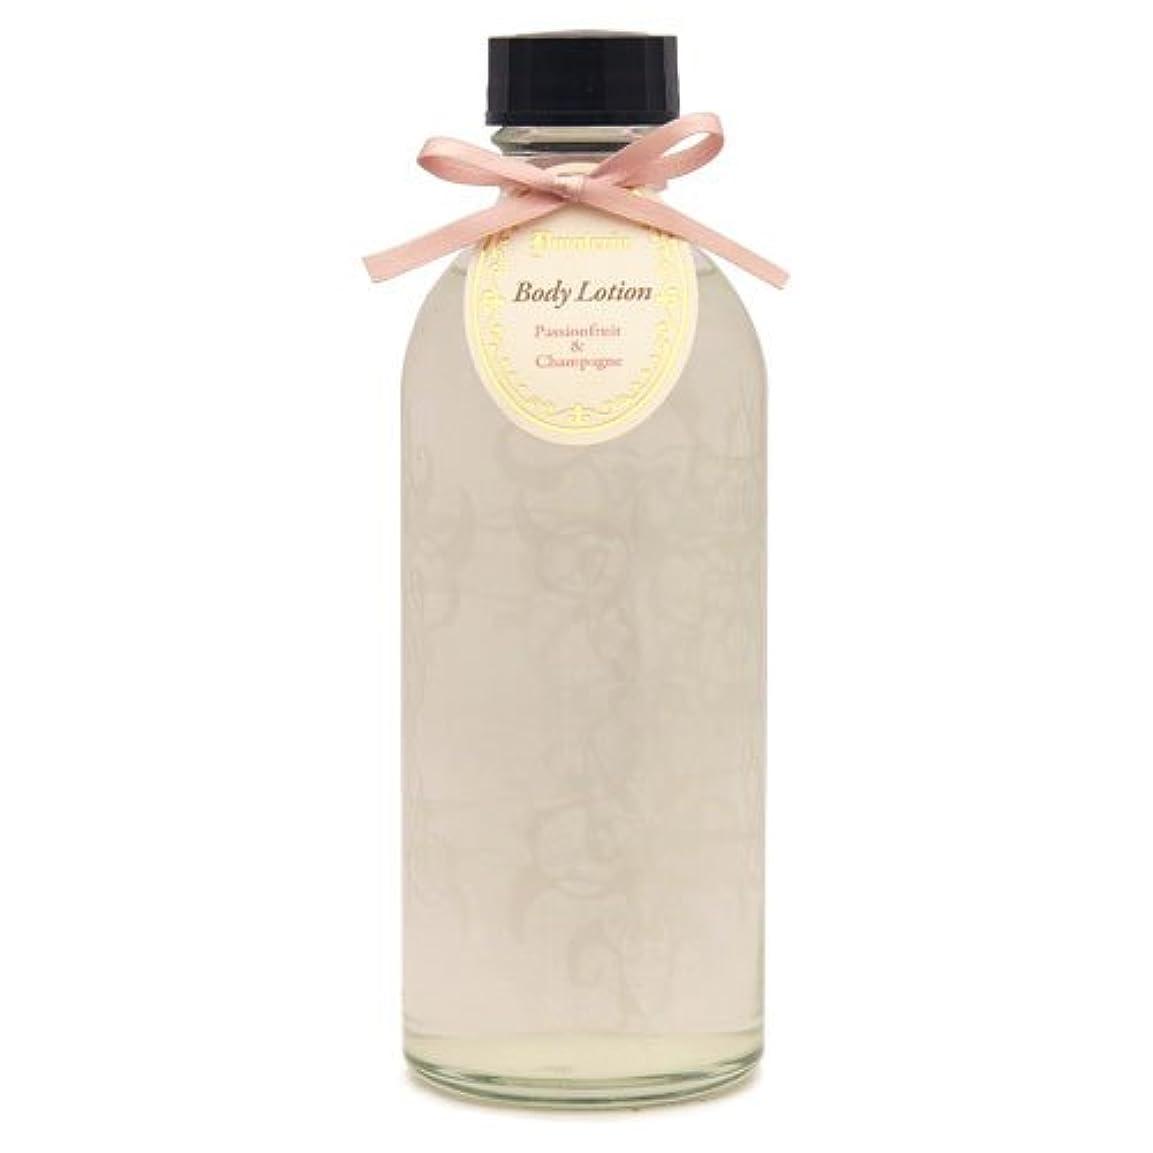 ぬれた熱望する細心のD materia ボディローション パッションフルーツ&シャンパン Passionfruit&Champagne Body Lotion ディーマテリア